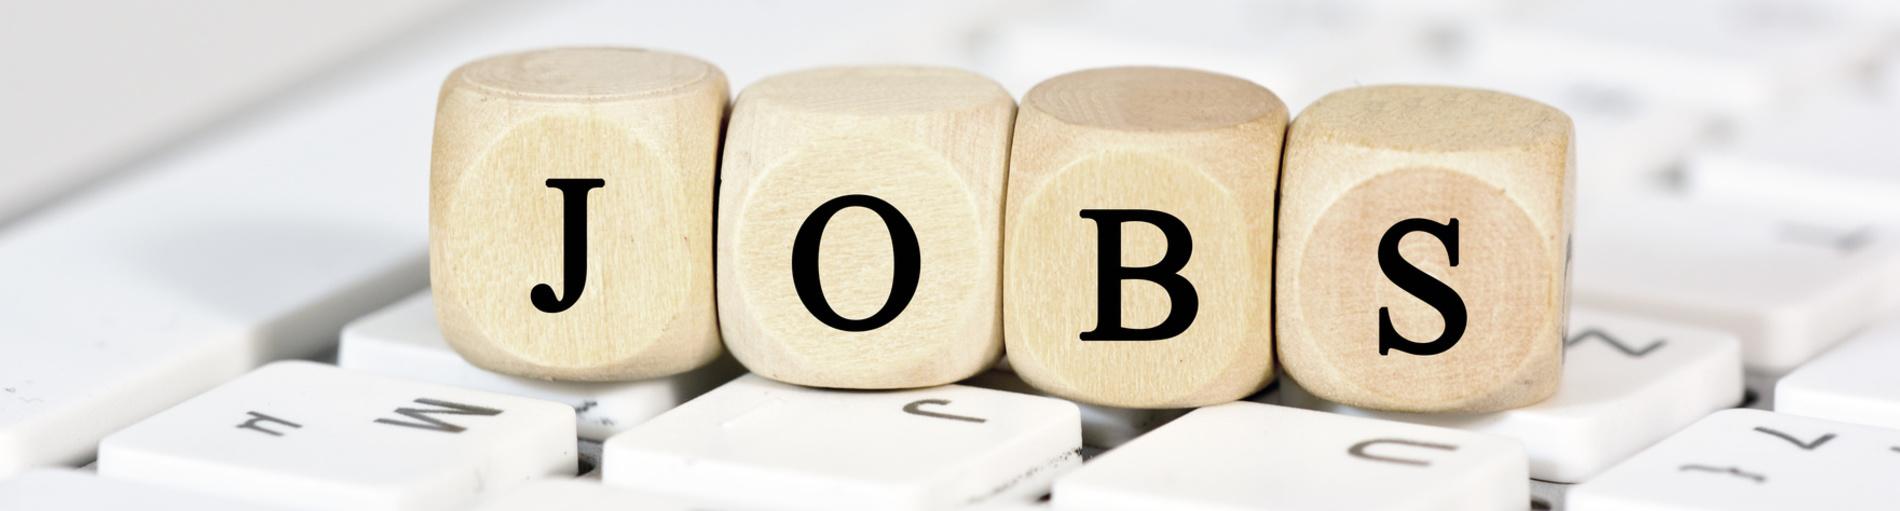 """Vier Würfel mit den Buchstaben """"JOBS"""" liegen auf einer Computertastatur (Quelle: fotolia / Marco2811)"""